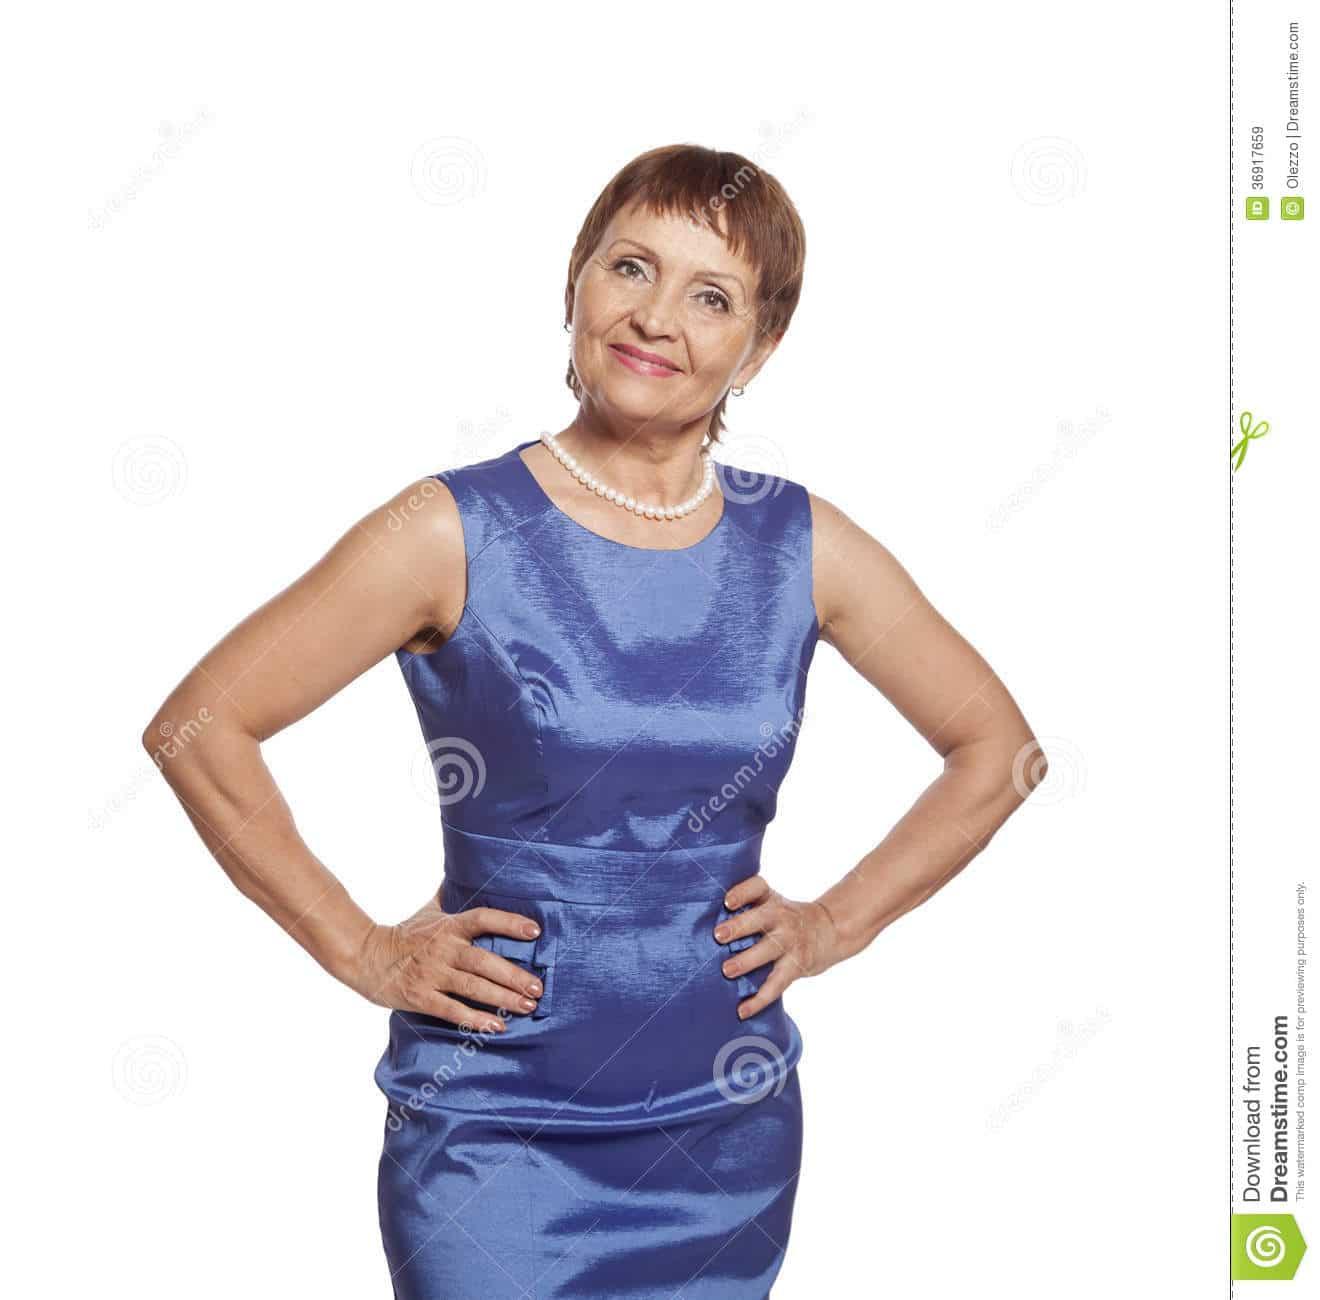 Rencontrer une femme apres 50 ans